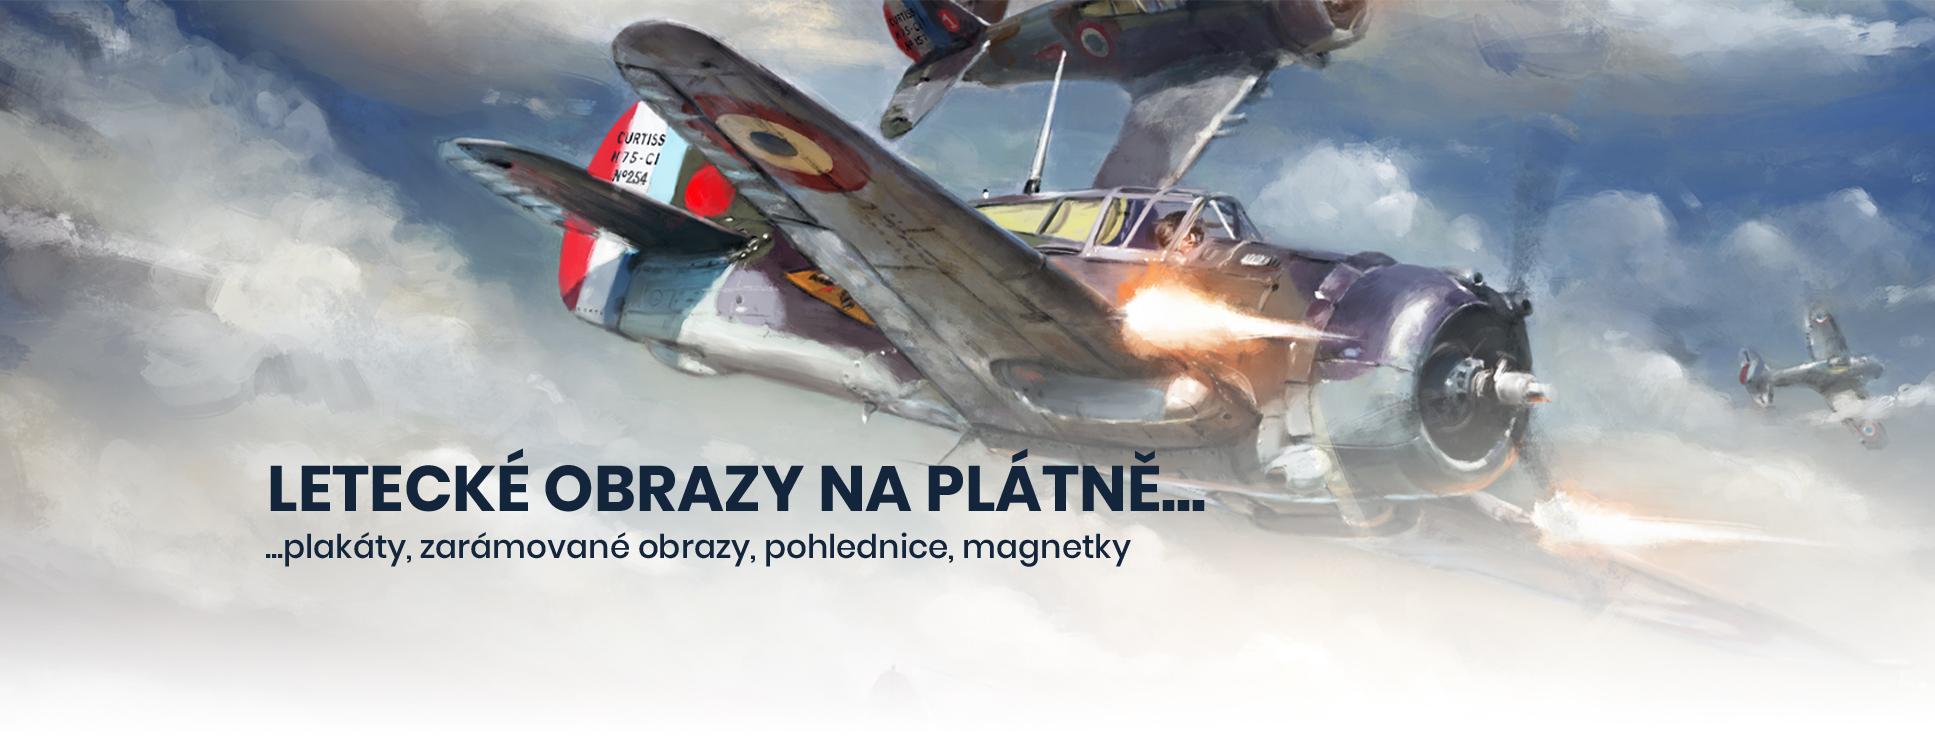 Letecké obrazy na plátně, plakáty, zarámované obrazy